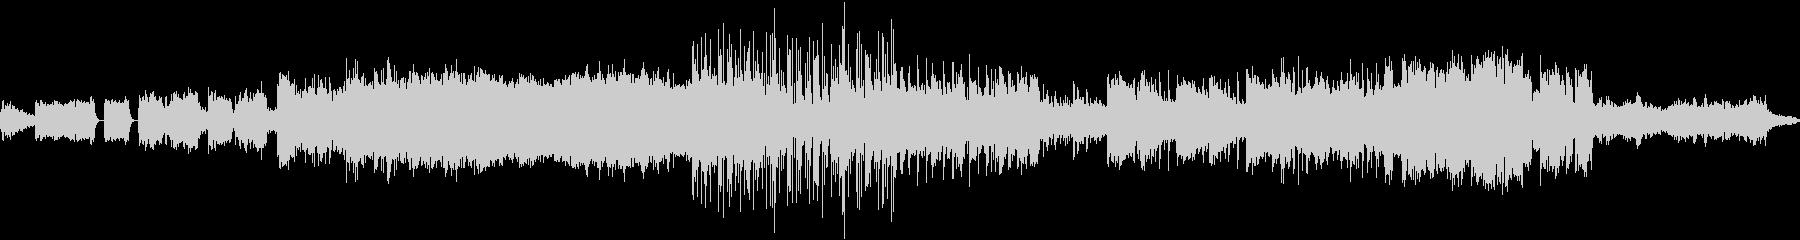 パワフル、色鮮やかでヘヴィなメタル交響曲の未再生の波形